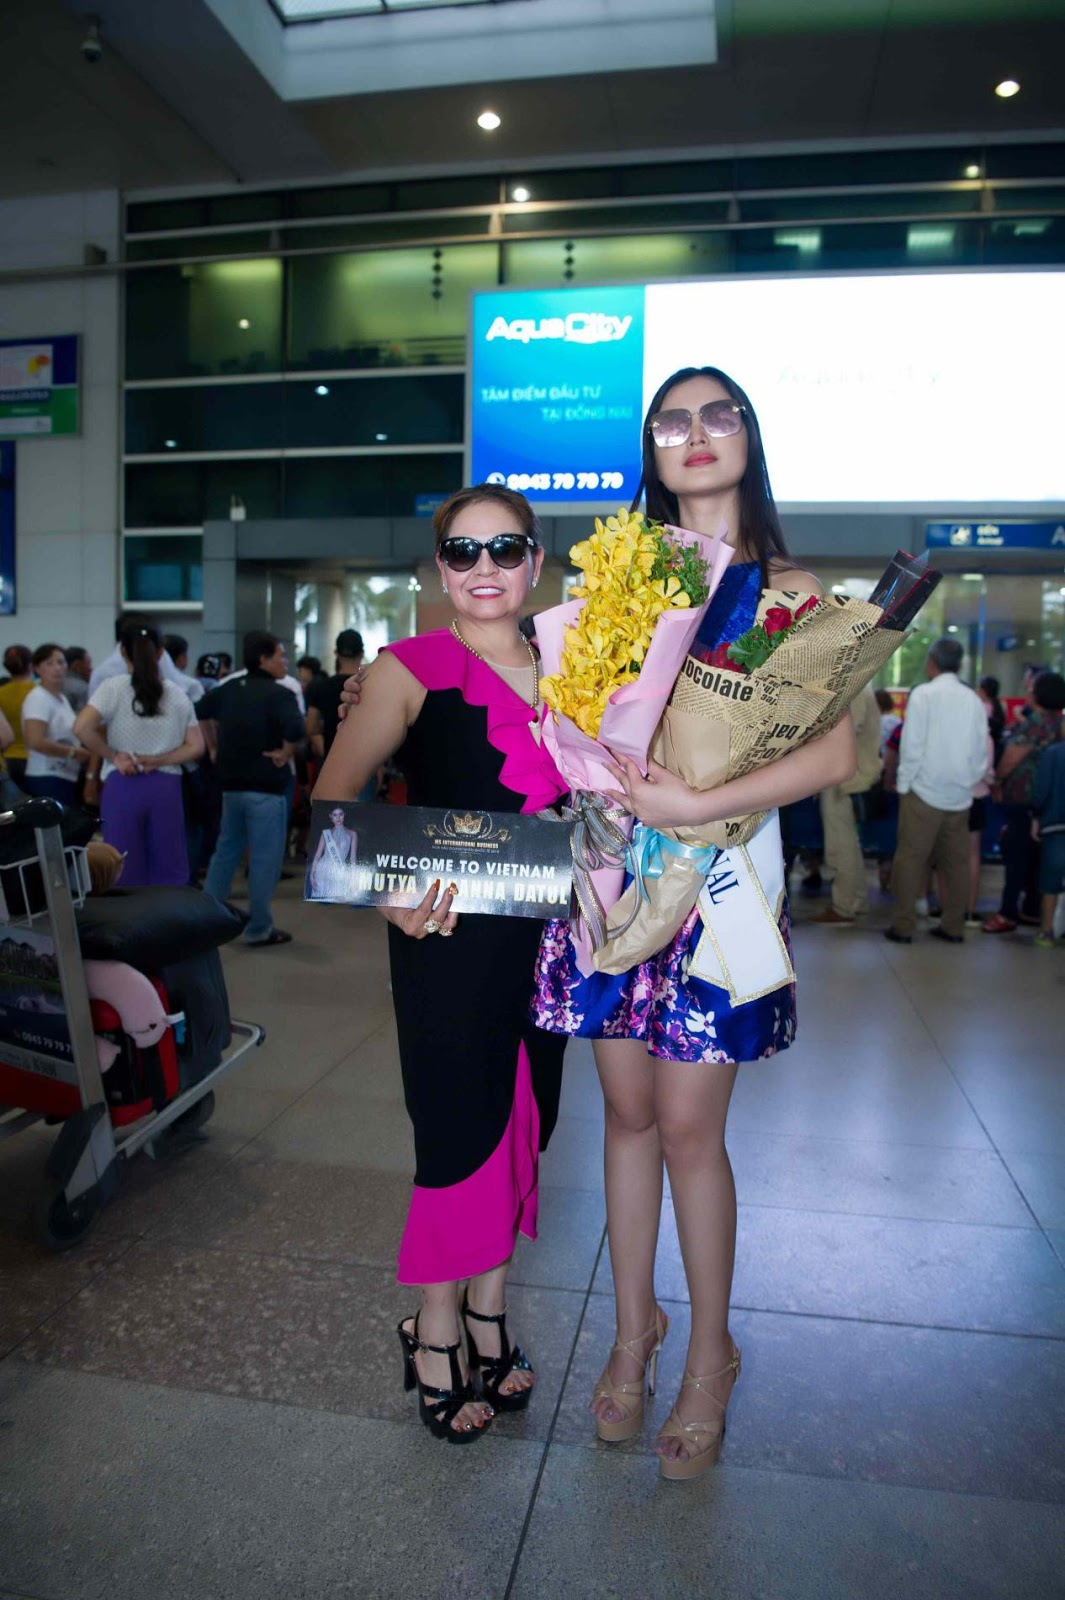 Miss Supranational 2013 Mutya Johanna Datul tự tin khoe sắc vóc trong ngày đầu có mặt tại Việt Nam - Hình 11